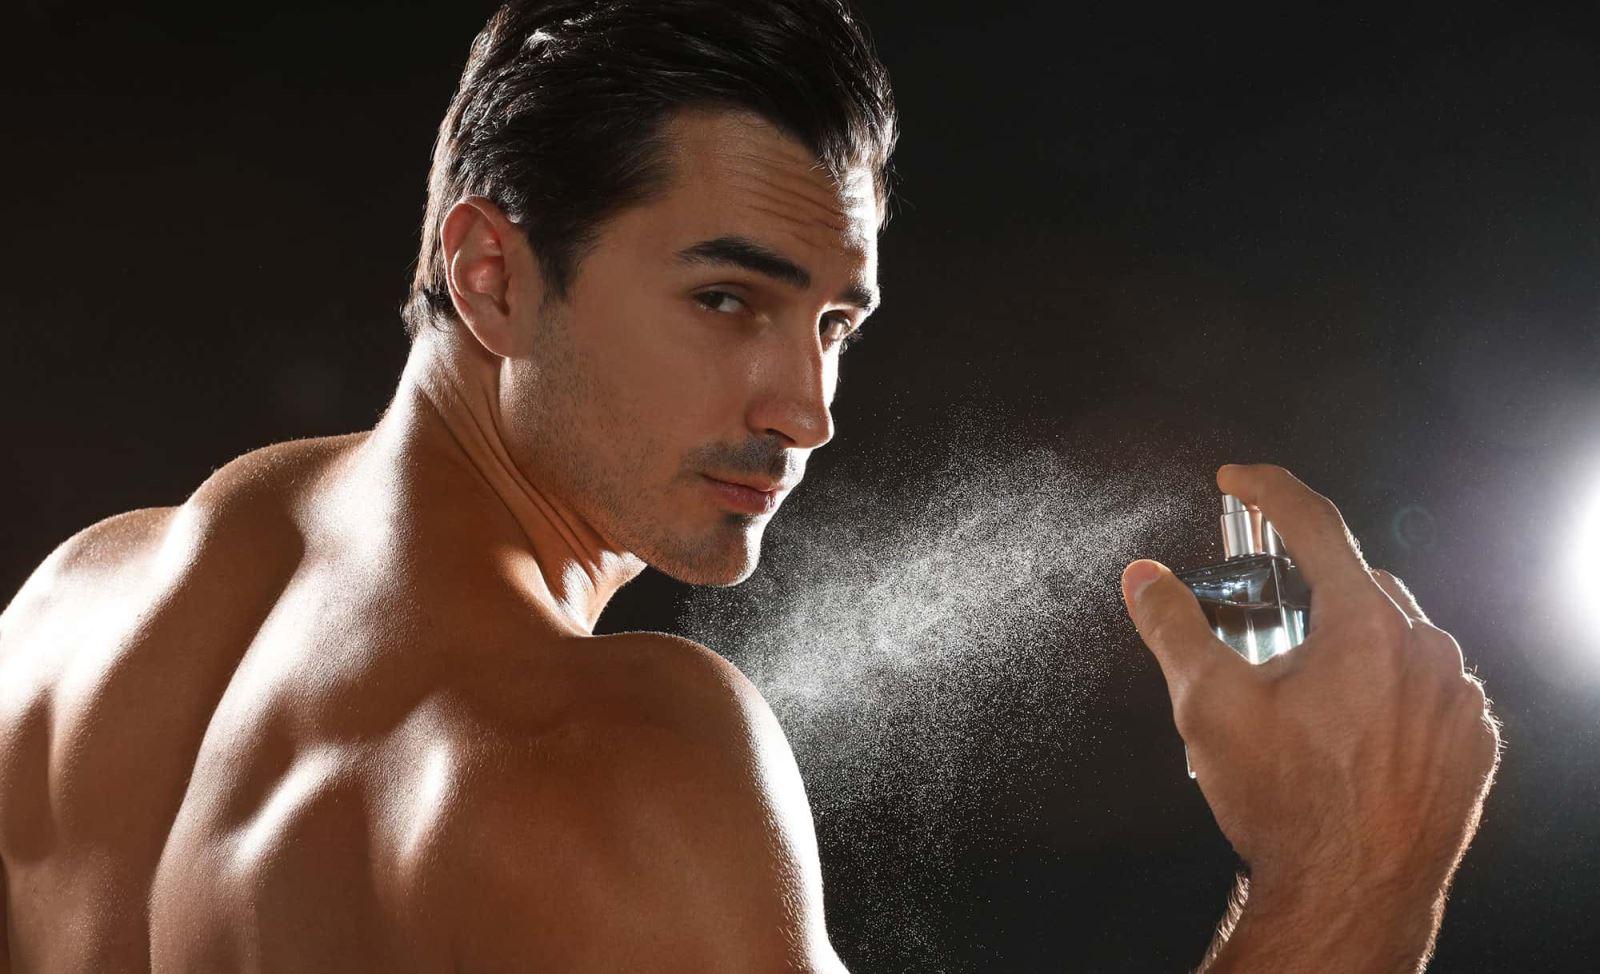 Cách sử dụng nước hoa chuẩn như chuyên gia để giữ hương thơm lâu